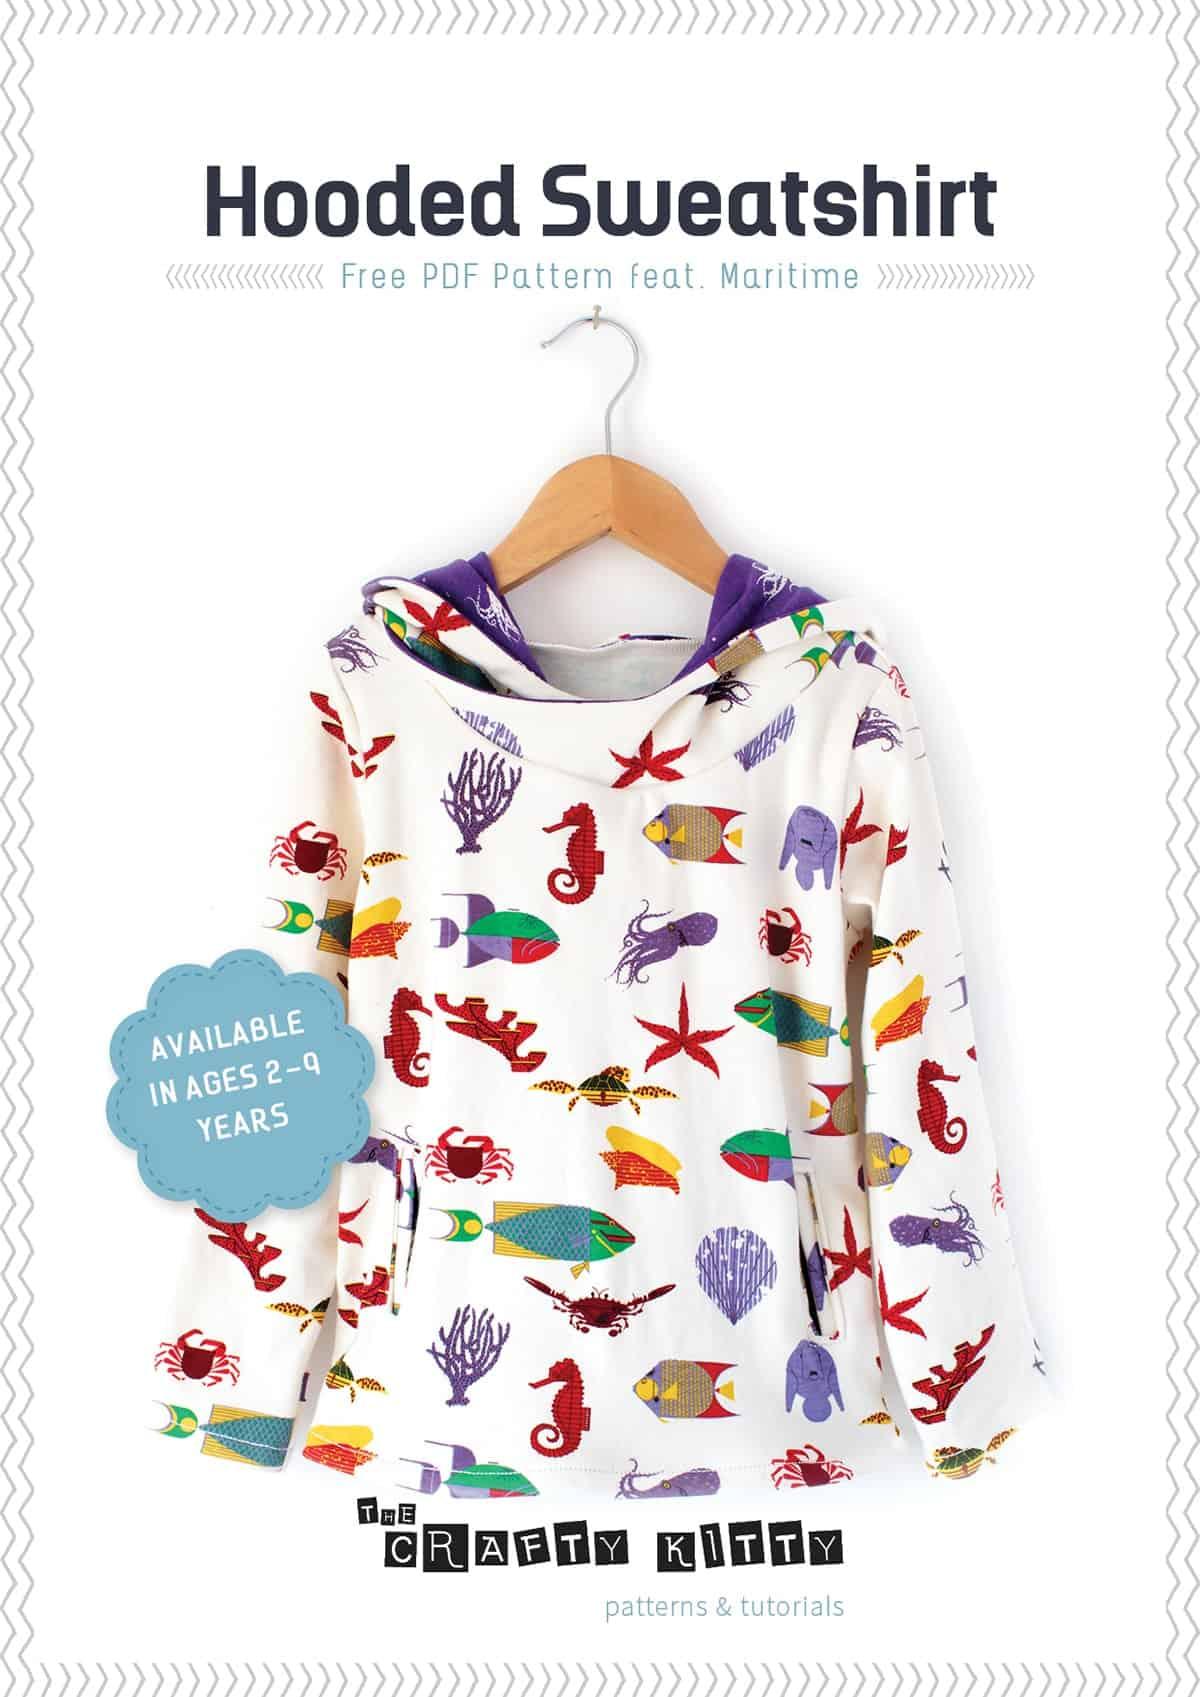 hooded_sweatshirt_pattern